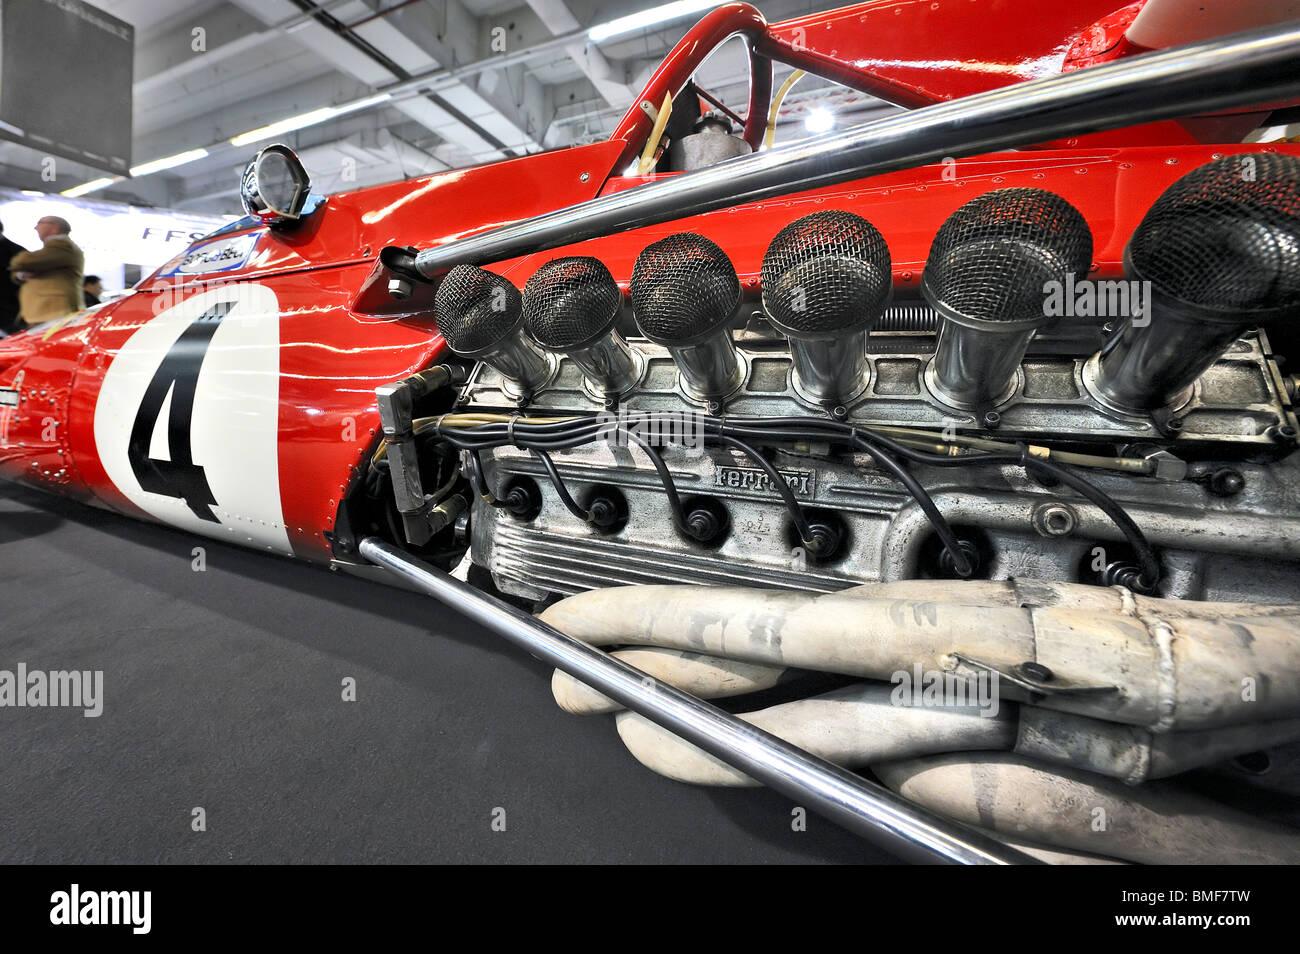 Formula One race car. - Stock Image